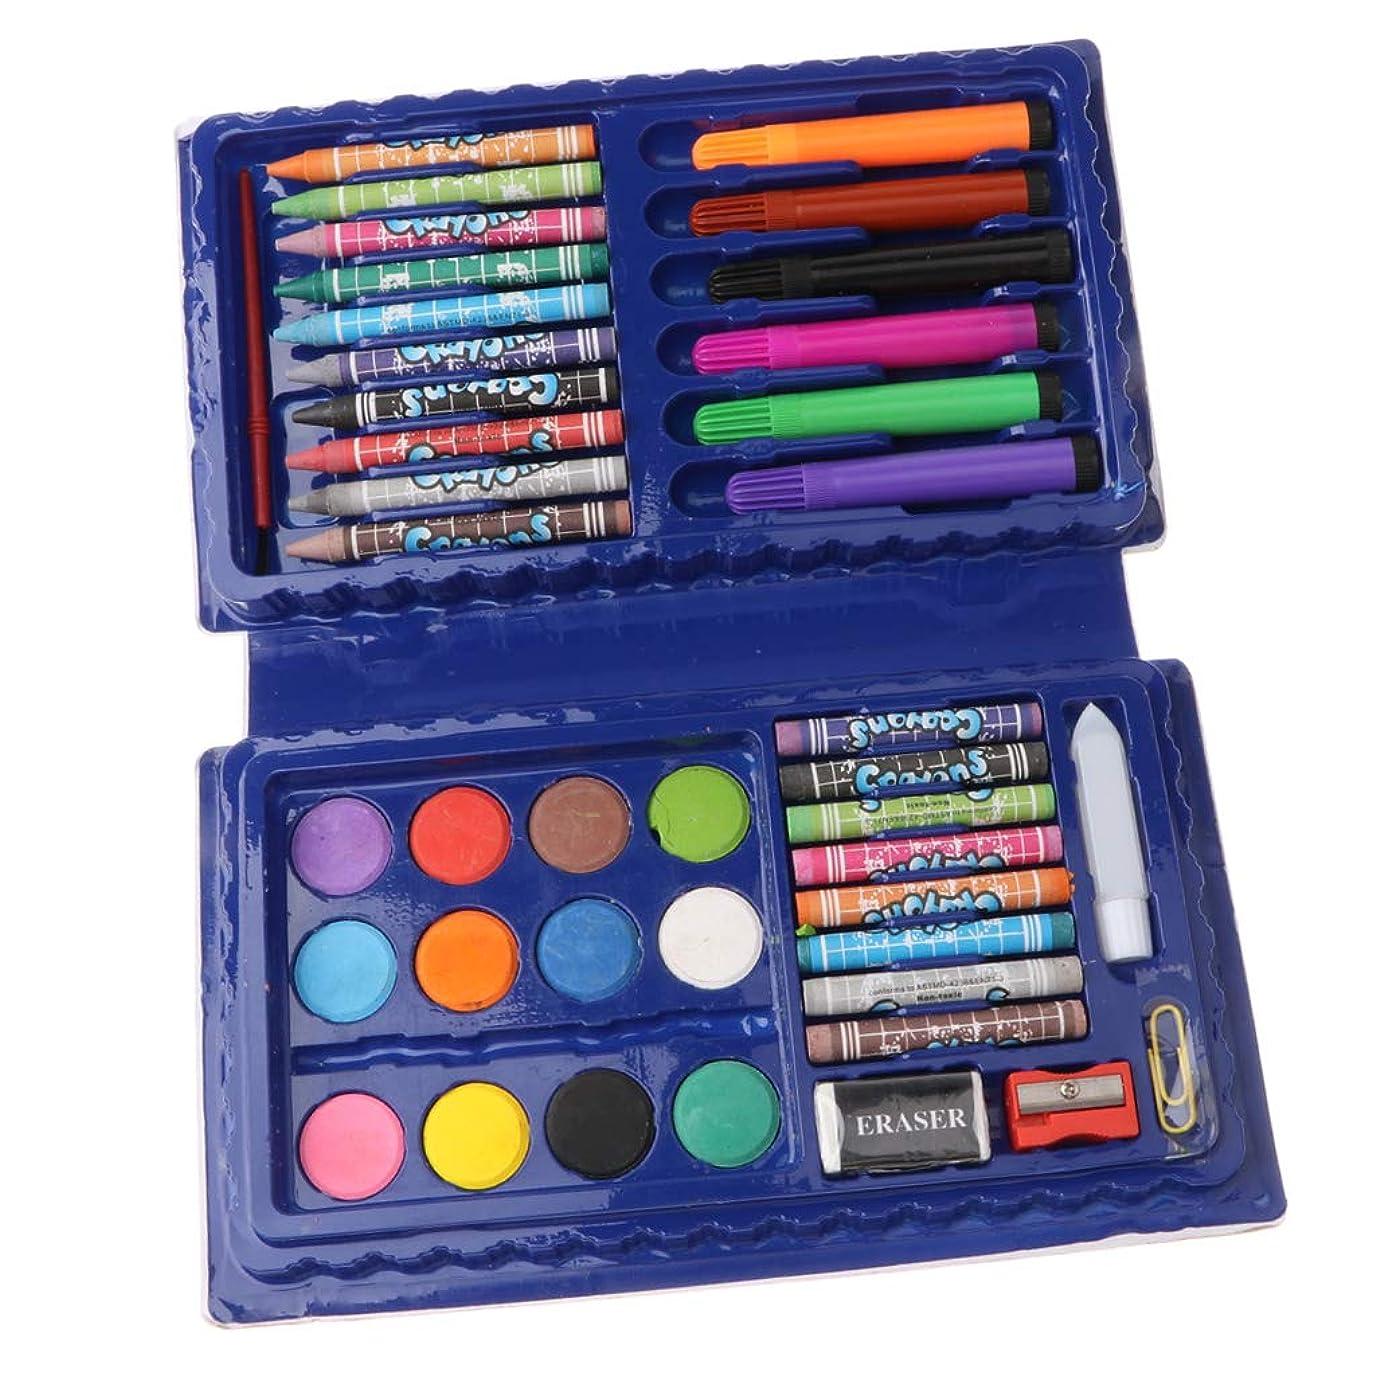 行進進化階層Toygogo 42個の図面キット - 青のケースで絵を描くための美術用品 - ブルー